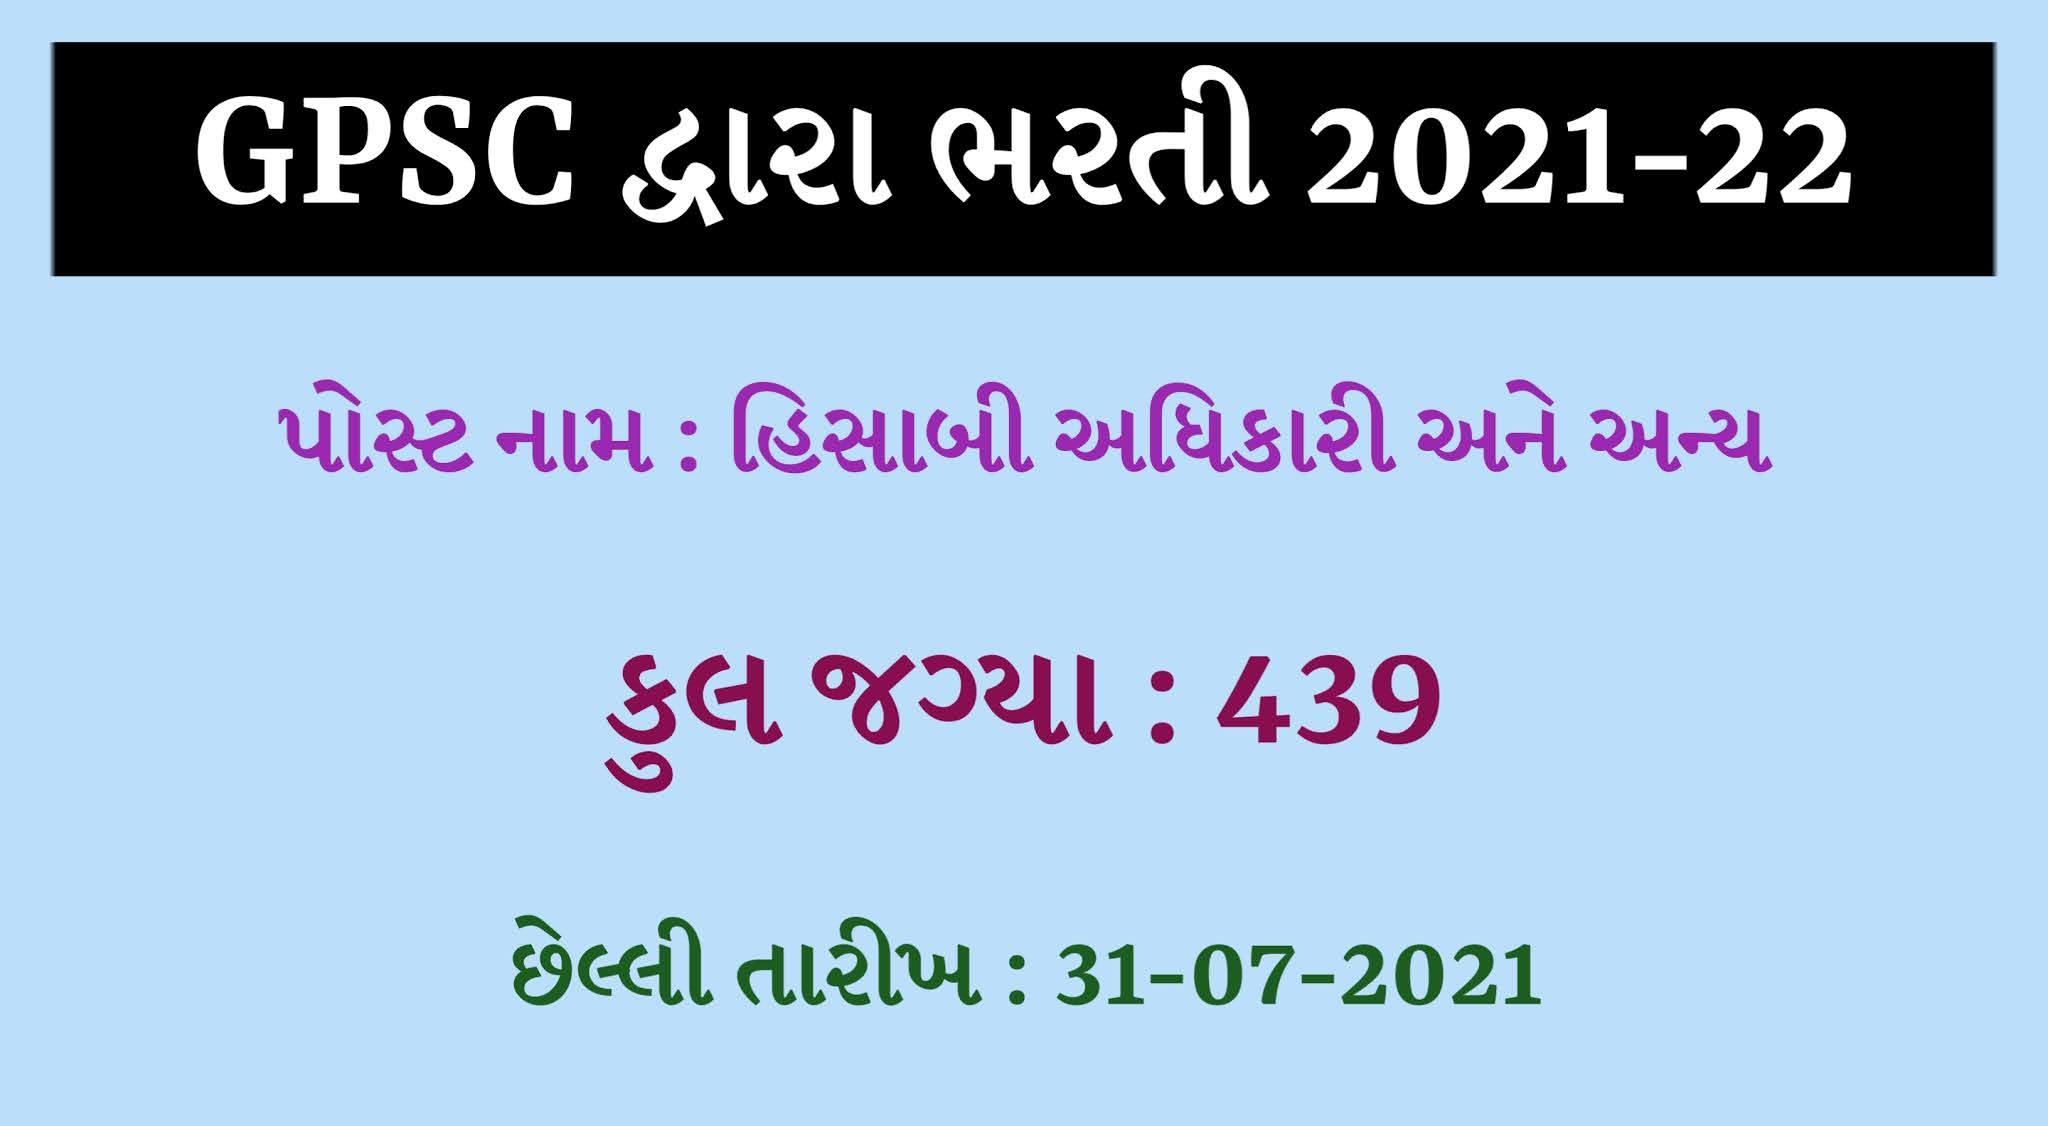 GPSC Recruitment 2021-22, GPSC Recruitment 2021, gpsc-ojas gujarat gov in